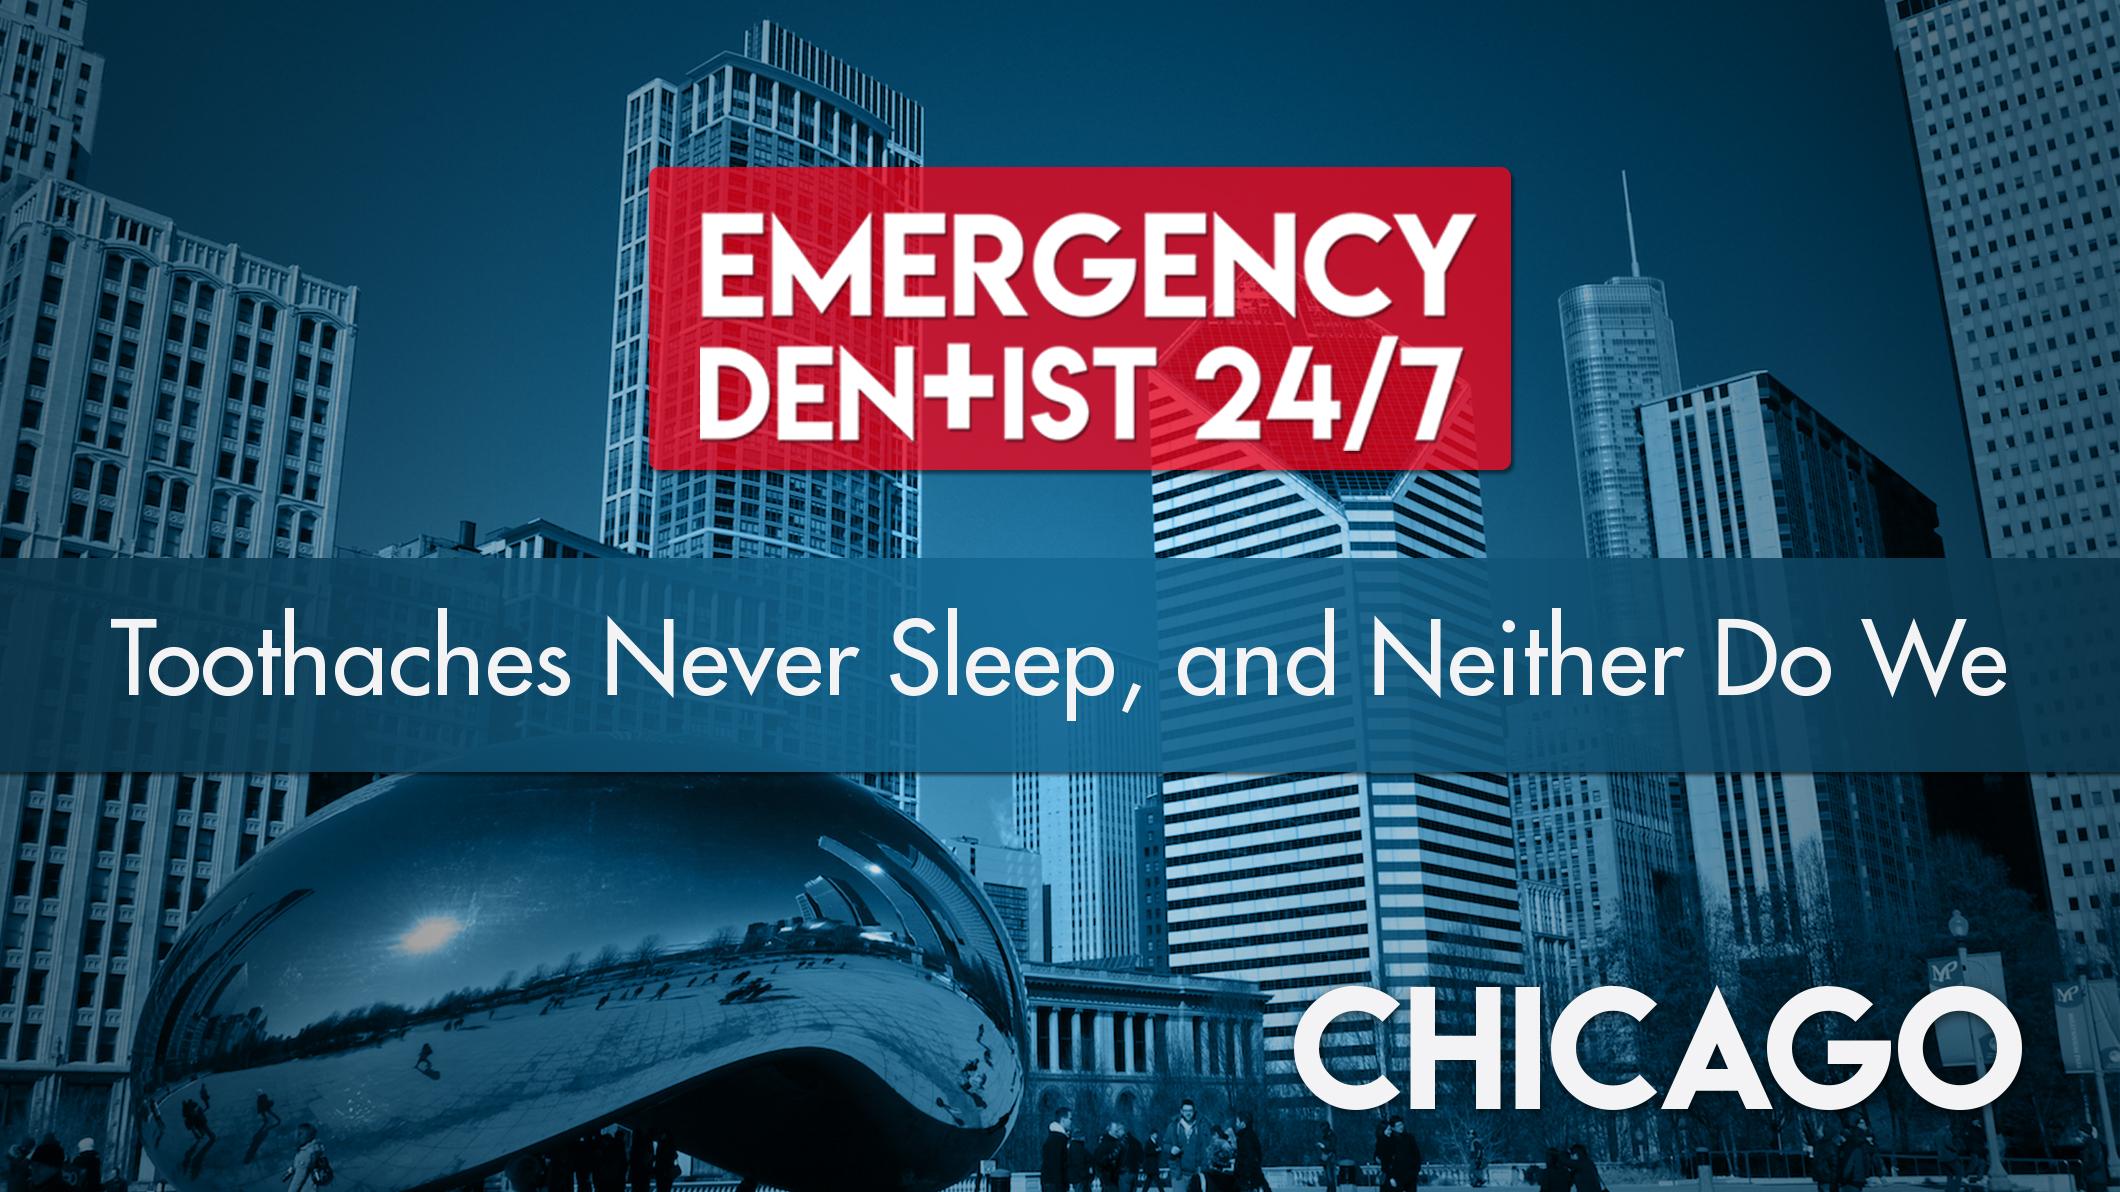 emergency dentist 247 chicago